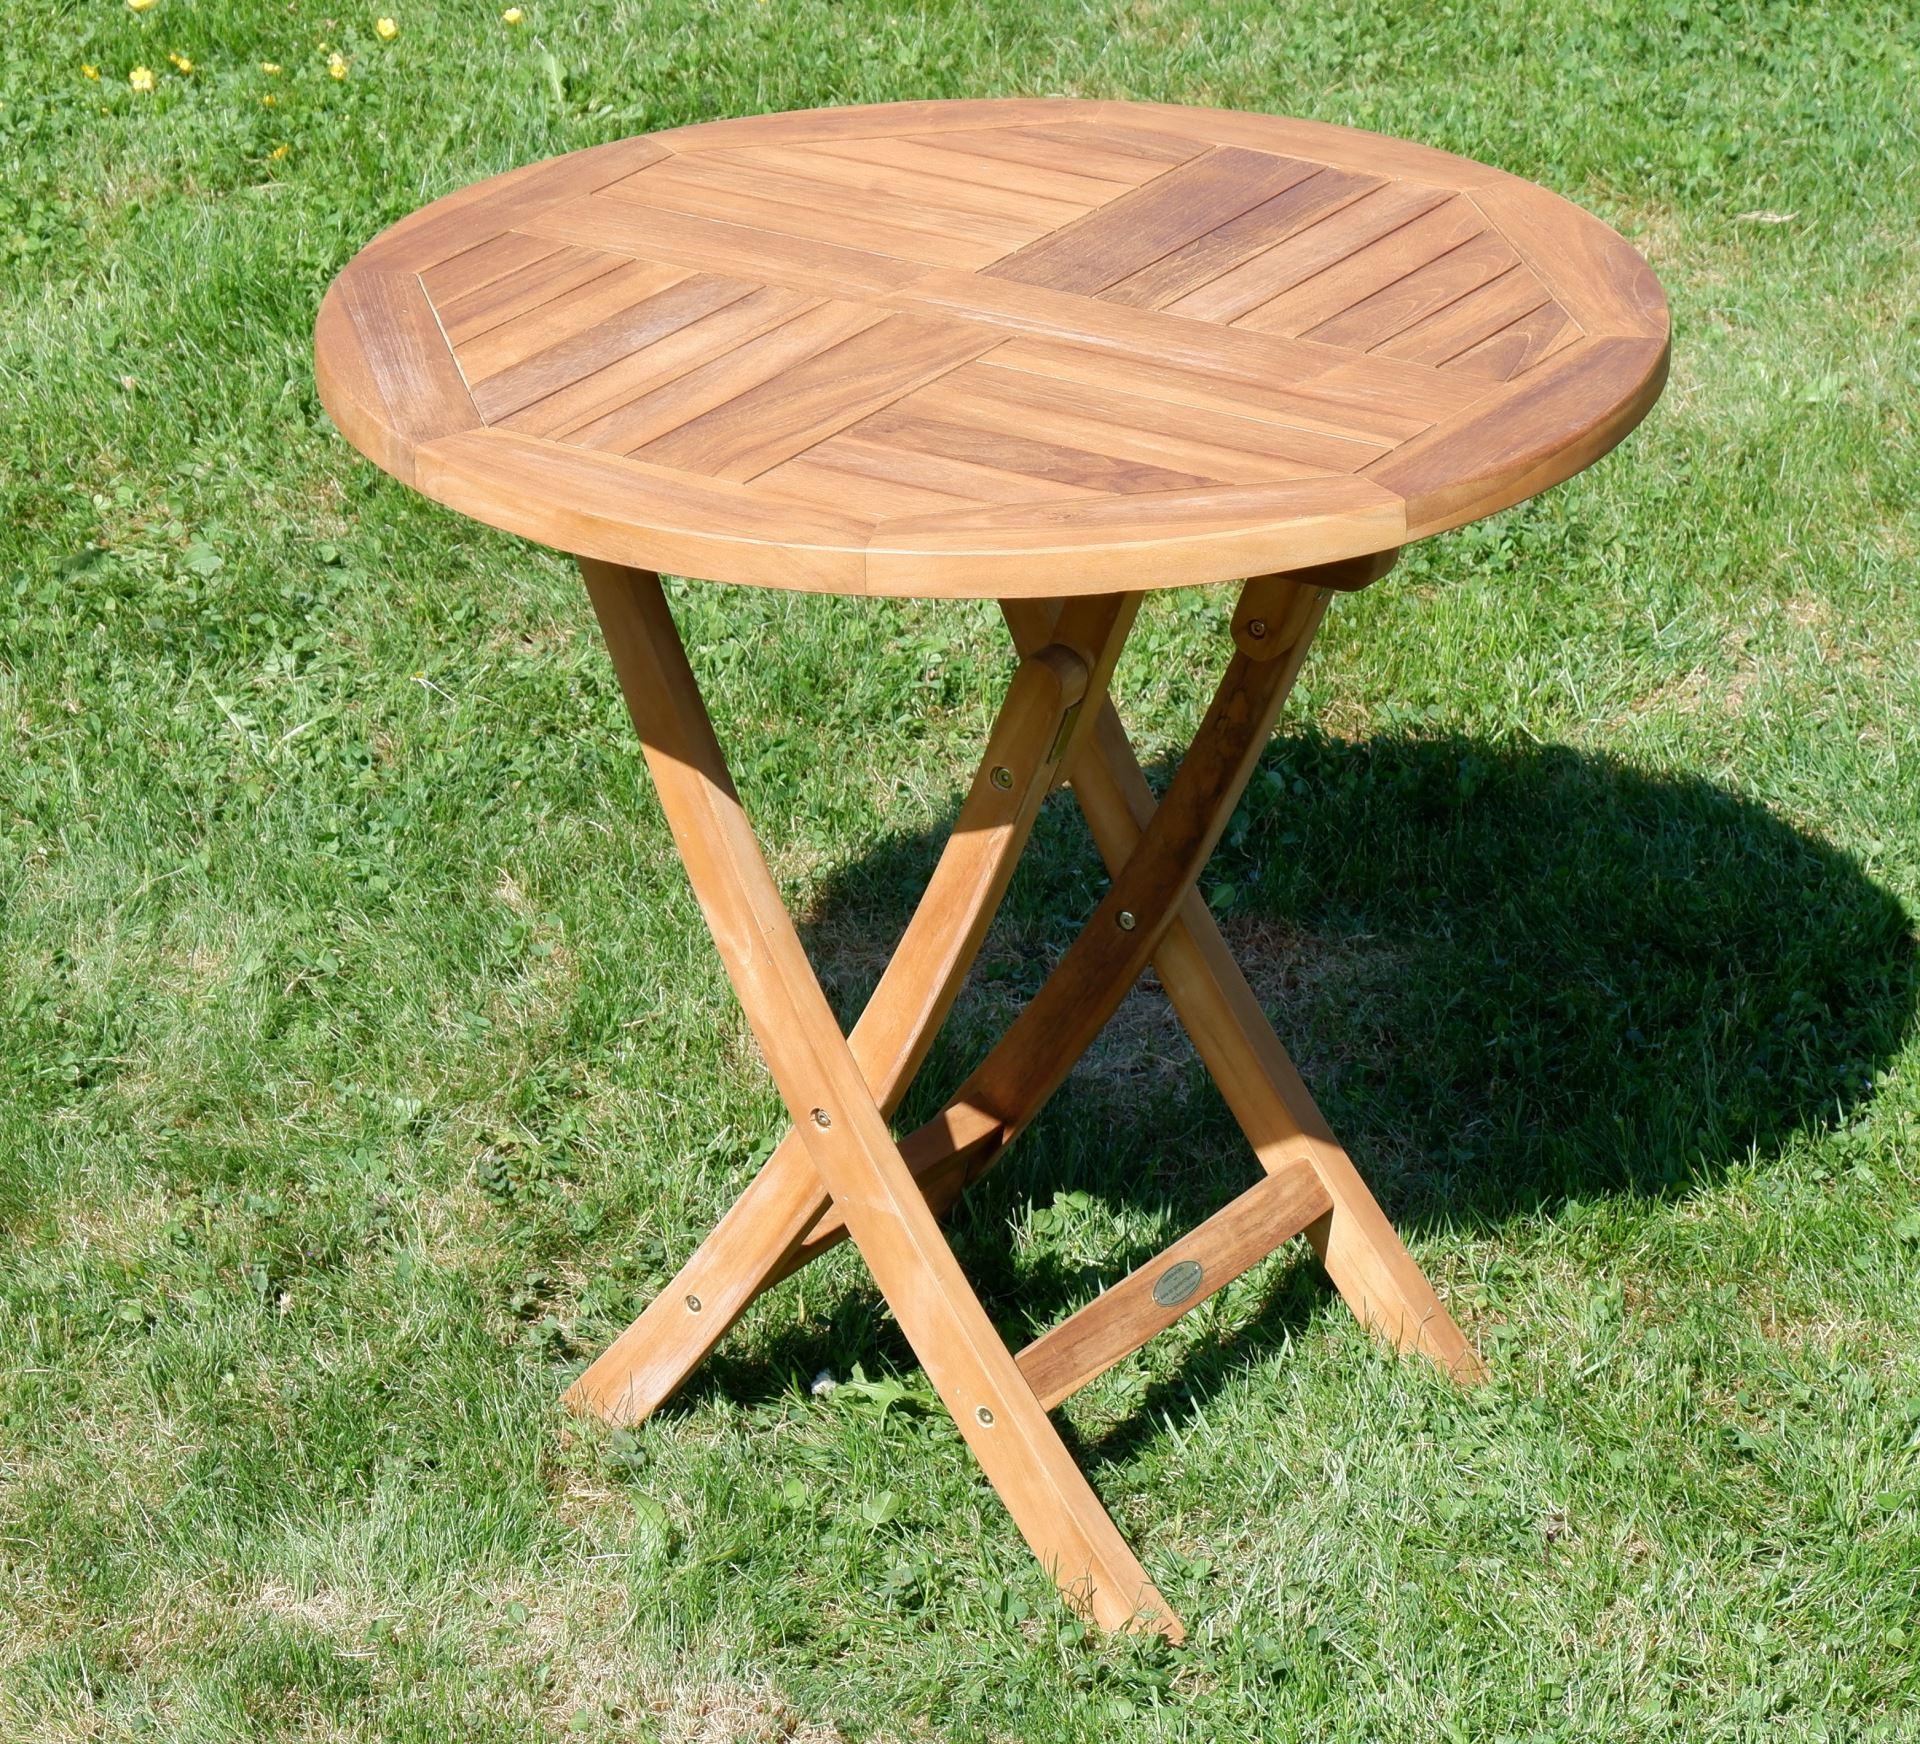 Holztisch Gartentisch.Echt Teak Gartentisch Klapptisch Holztisch Gartentisch Tisch Rund 80cm Jav Coamo